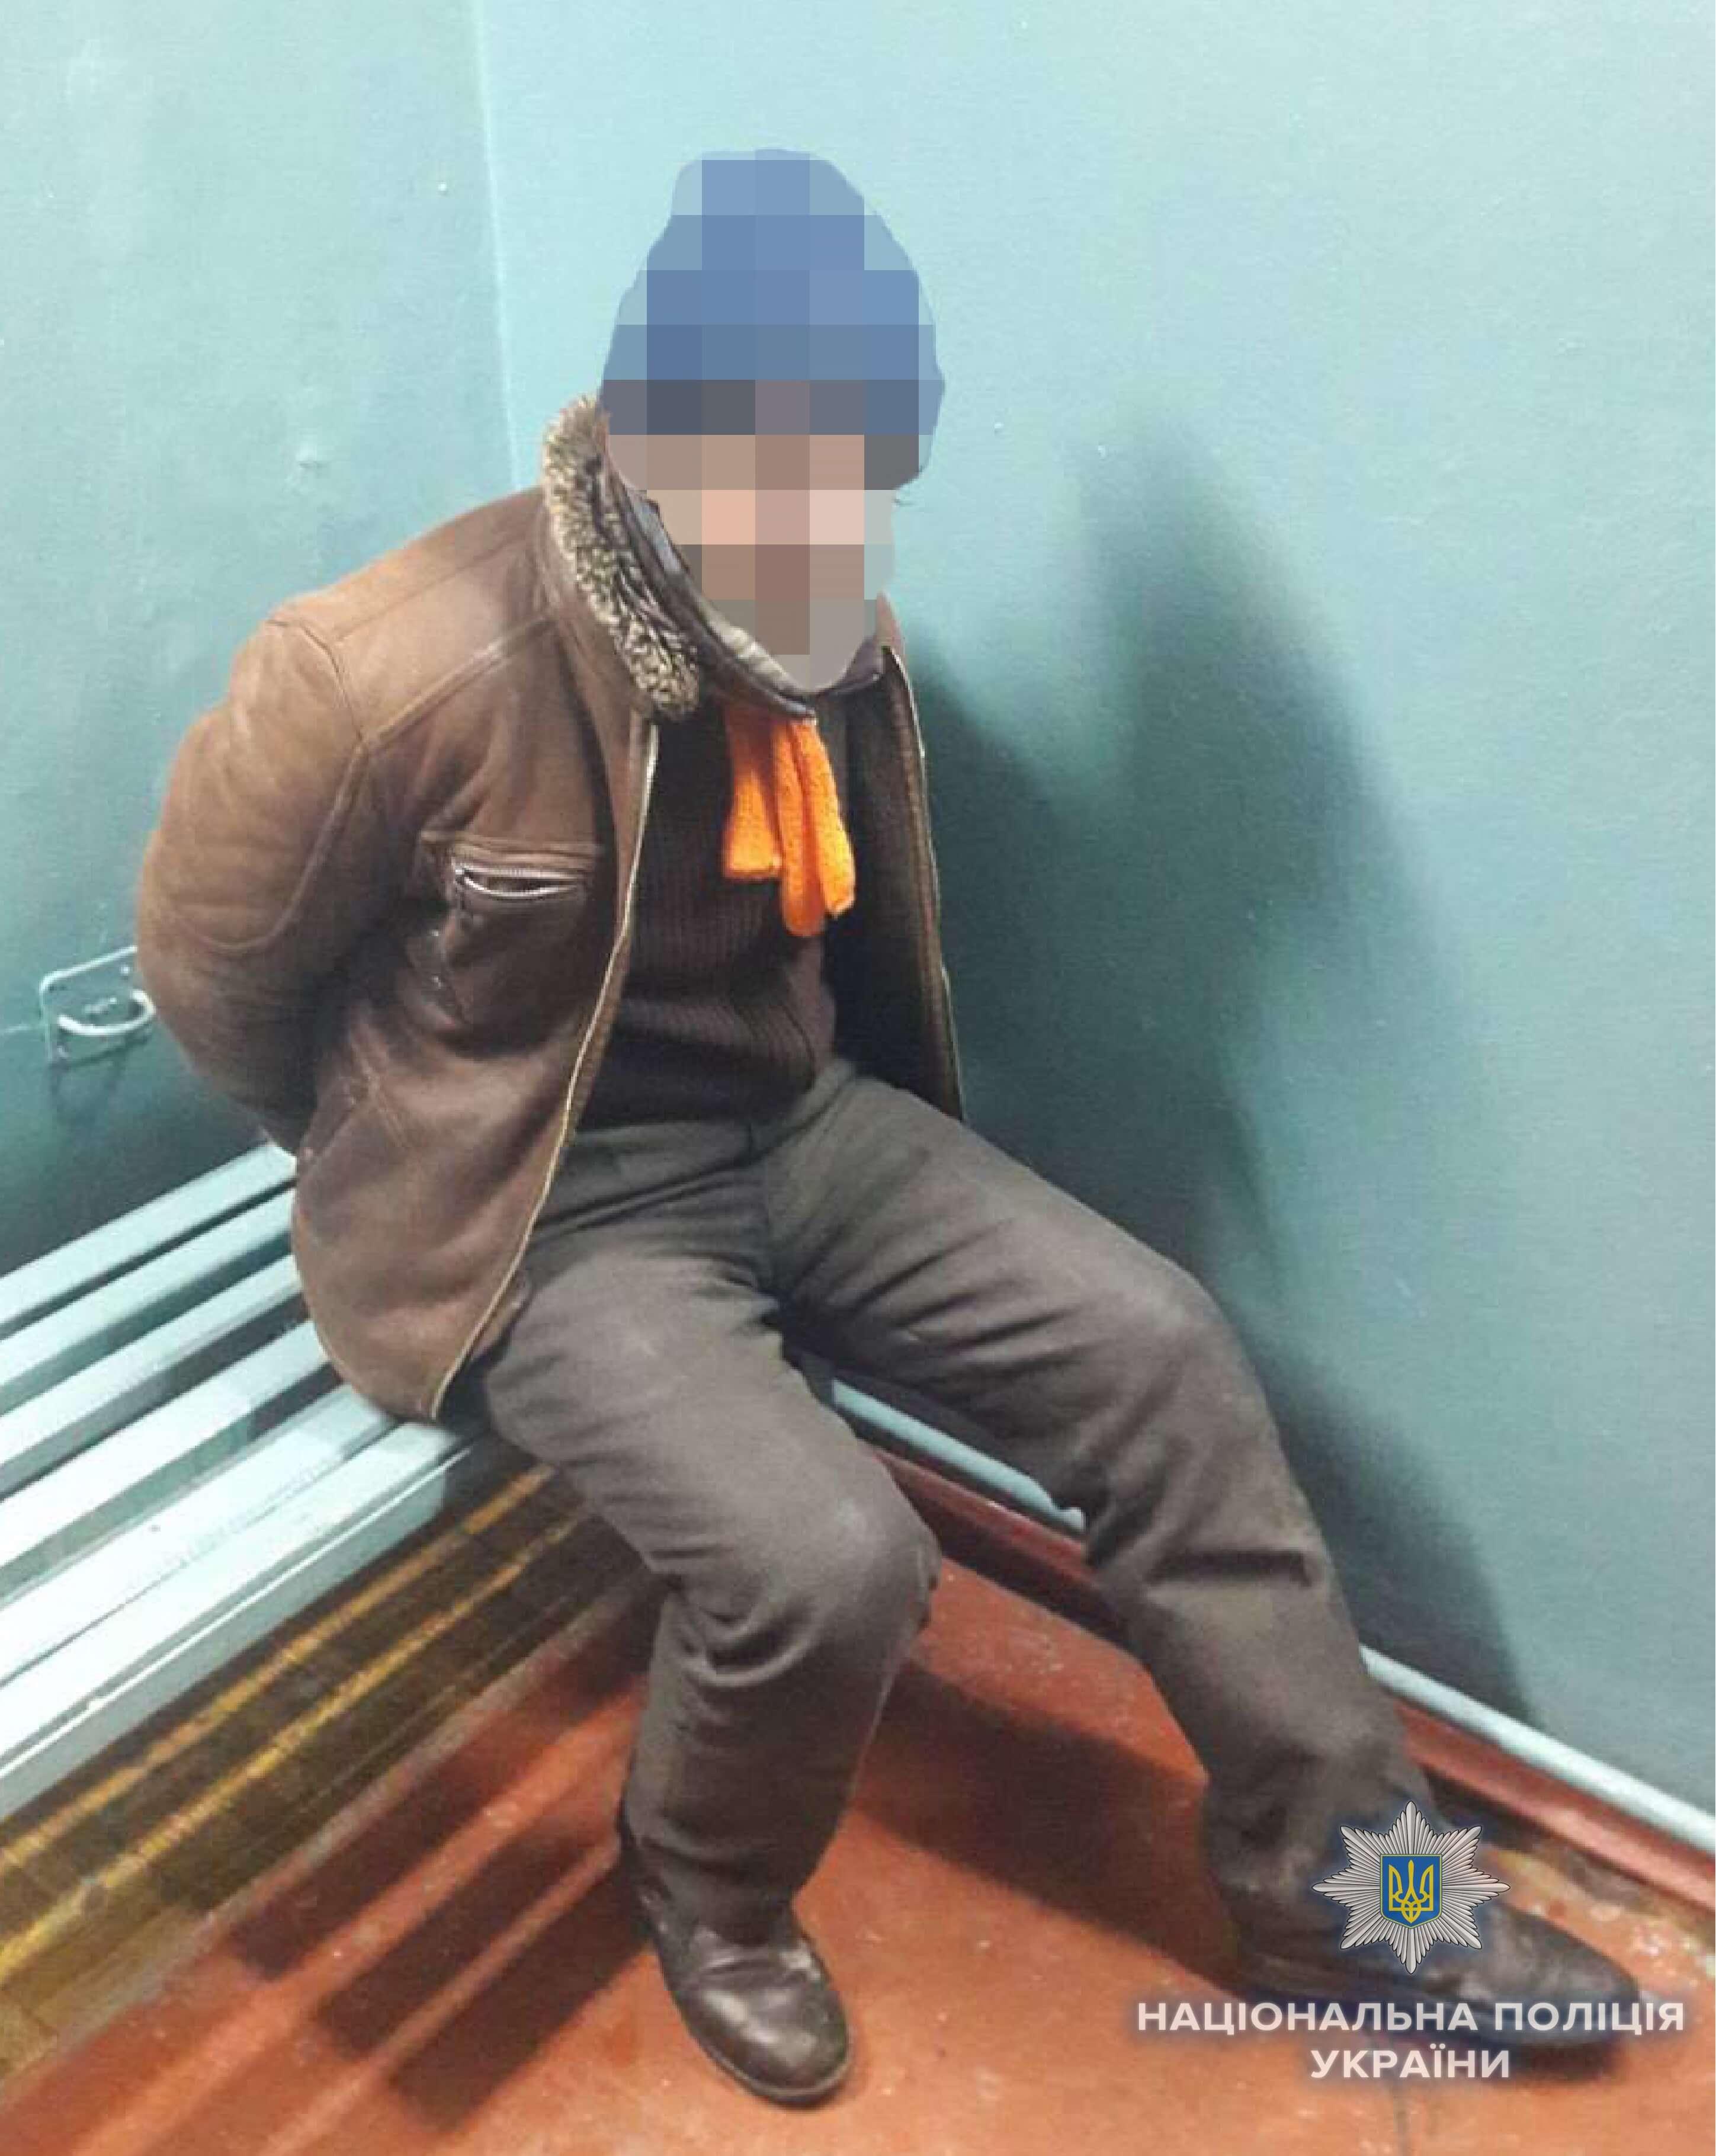 За нападение на полицейского, мужчине грозит до пяти лет лишения свободы